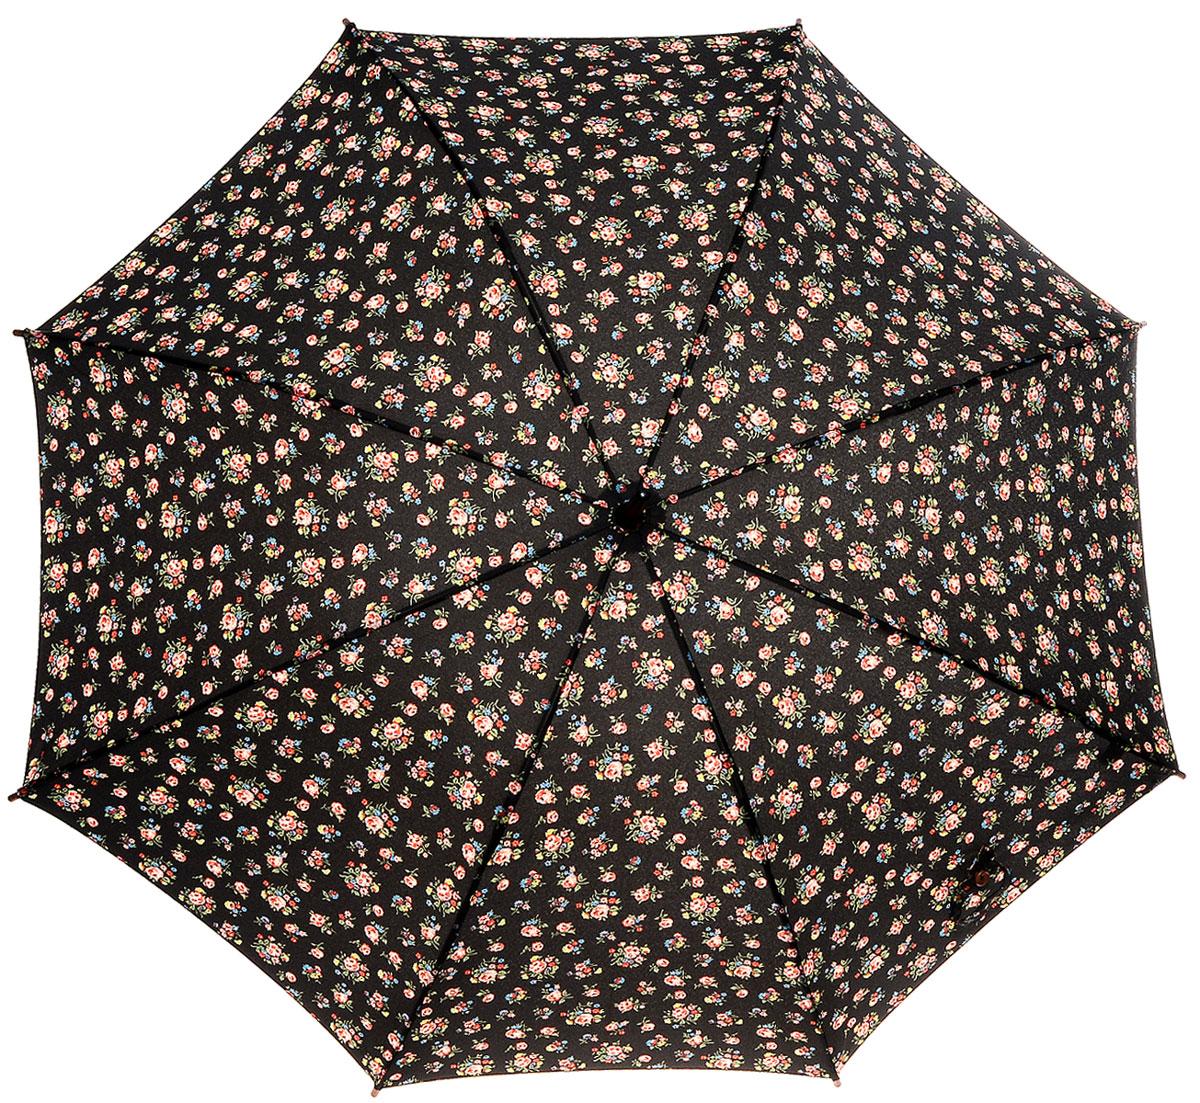 Зонт-трость женский Cath Kidston Kensington, механический, цвет: черный. L541-2652CX1516-50-10Яркий механический зонт-трость Cath Kidston Kensington даже в ненастную погоду позволит вам оставаться стильной и элегантной. Каркас зонта включает 8 спиц из фибергласса с деревянным наконечниками. Стержень изготовлен из дерева. Купол зонта выполнен из износостойкого полиэстера и оформлен мелким цветочным принтом. Изделие дополнено удобной рукояткой из гладкого дерева.Зонт механического сложения: купол открывается и закрывается вручную до характерного щелчка. Модель дополнительно застегивается с помощью двух хлястиков: на кнопку и липучку с декоративной пуговицей.Такой зонт не только надежно защитит вас от дождя, но и станет стильным аксессуаром, который идеально подчеркнет ваш неповторимый образ.